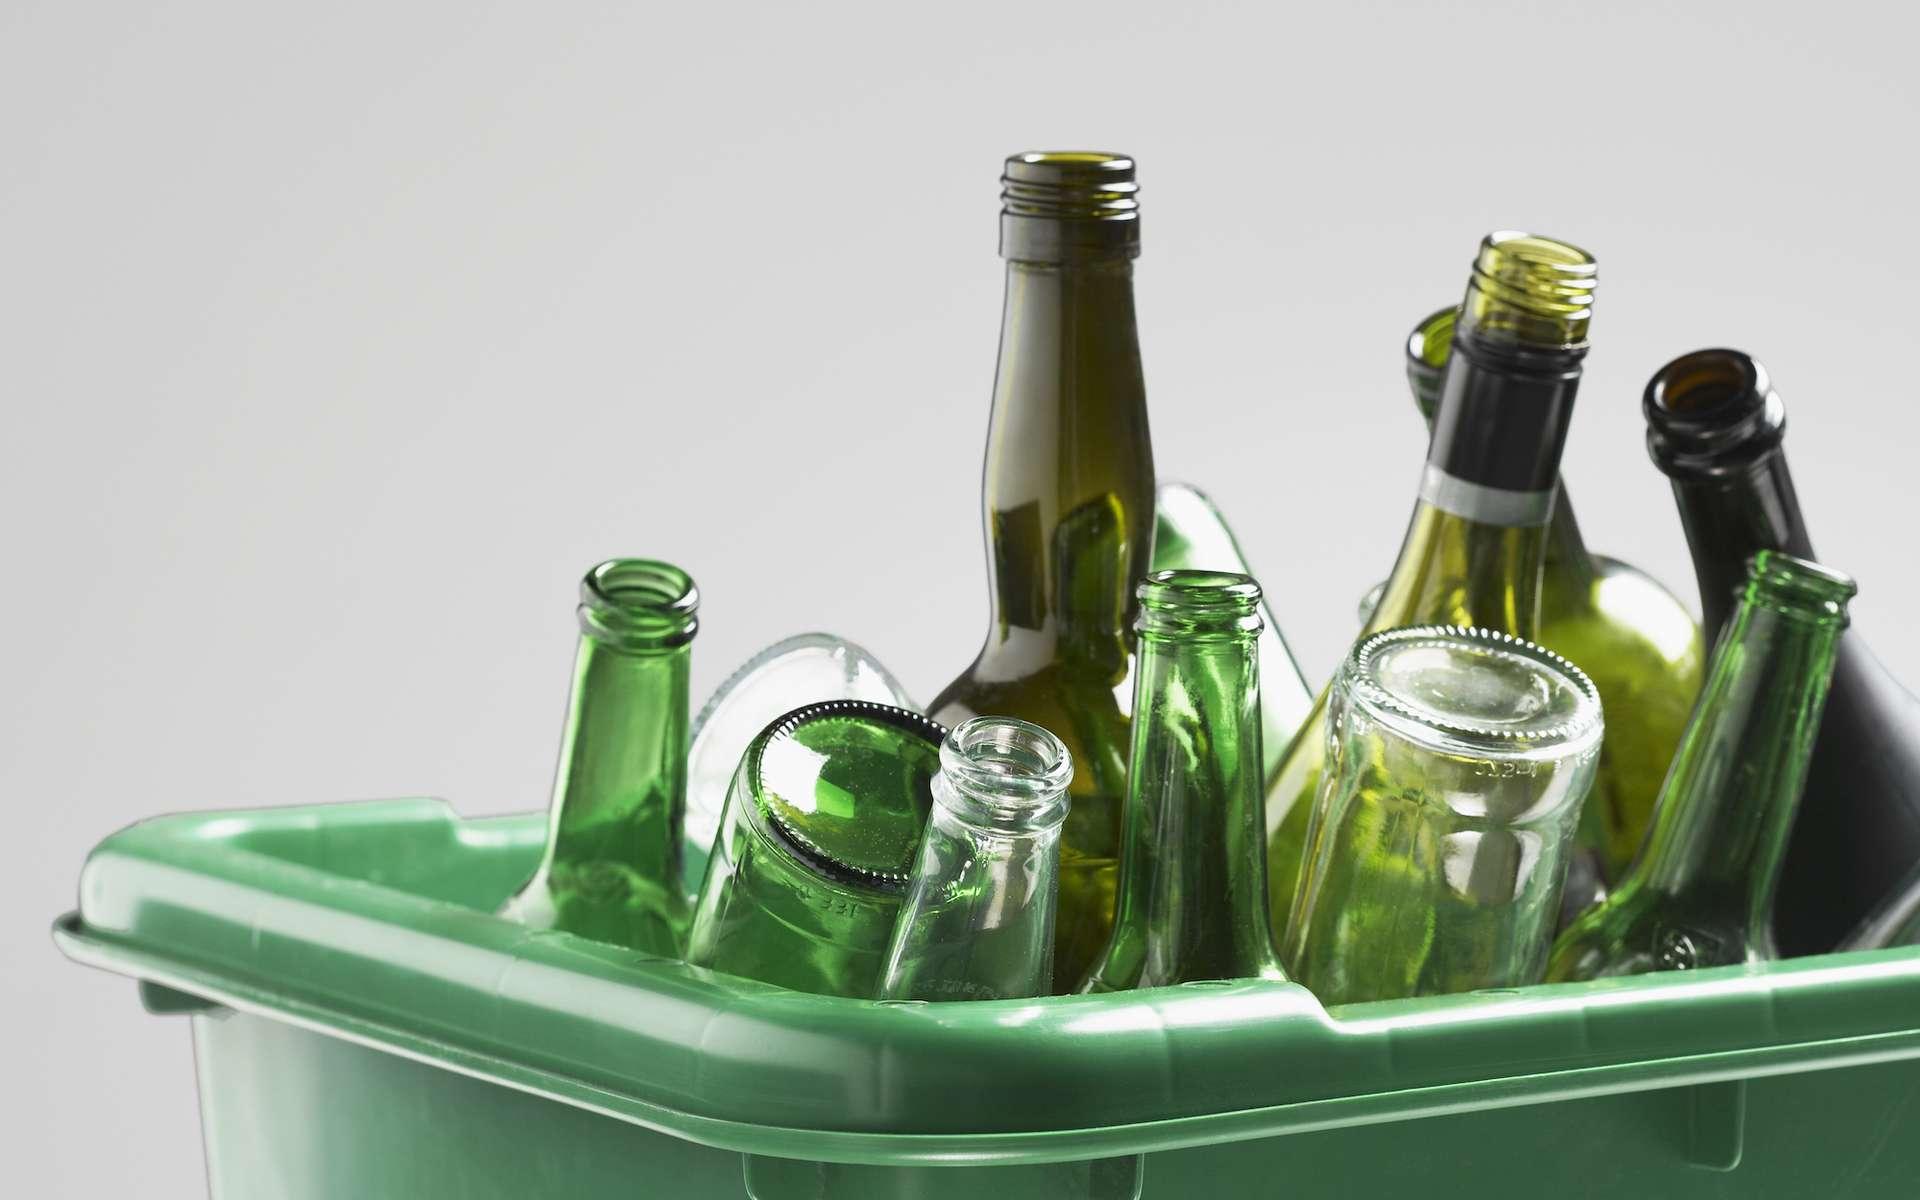 Le verre est un matériau recyclable à 100 % et à l'infini. © bikeriderlondon, Shutterstock